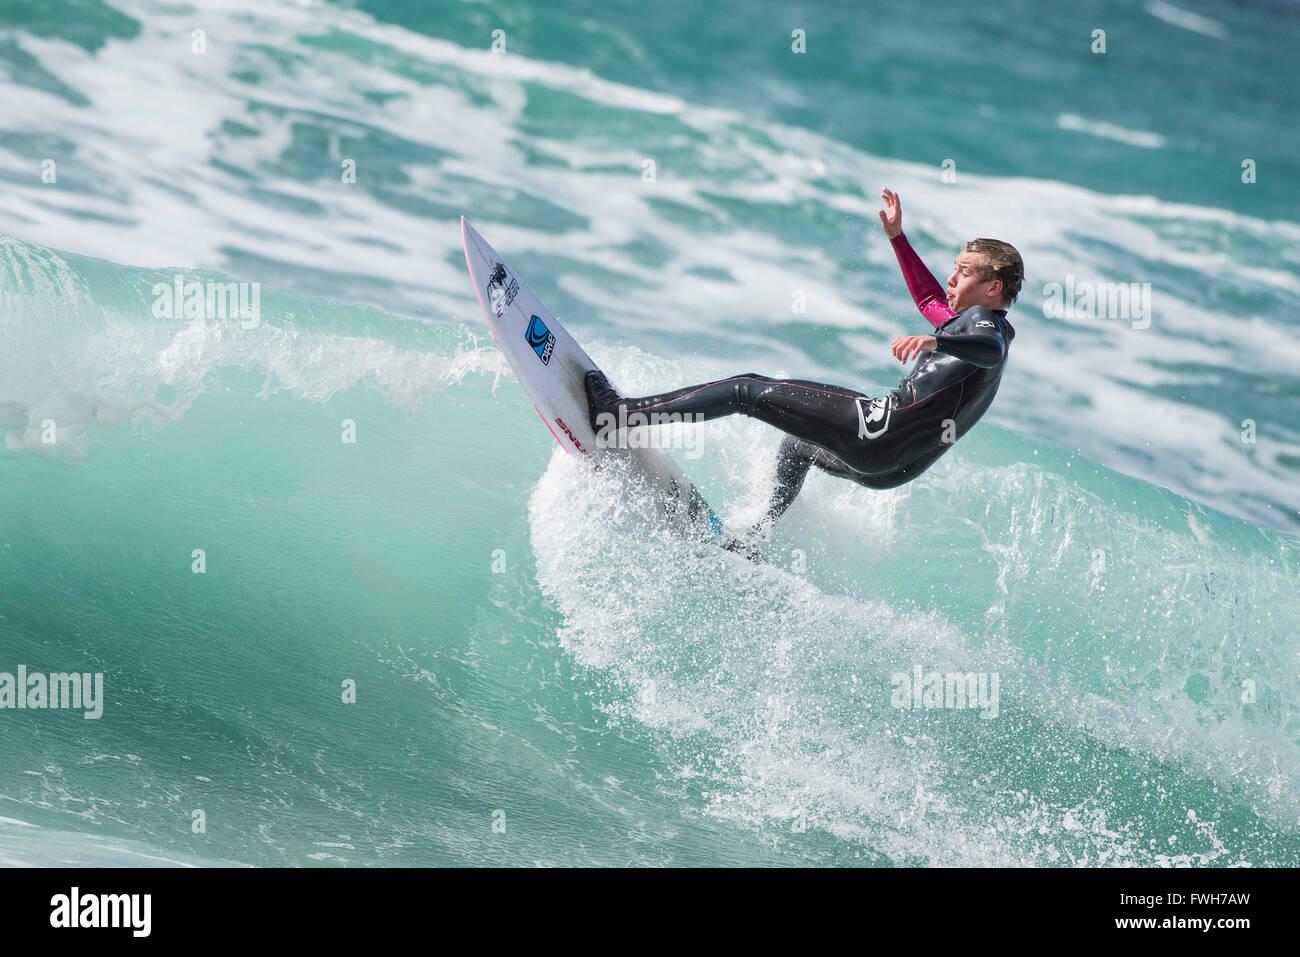 La plage de Fistral, Newquay, Cornwall, le 5 avril 2016. Météo France: un surfeur local bénéficie Photo Stock